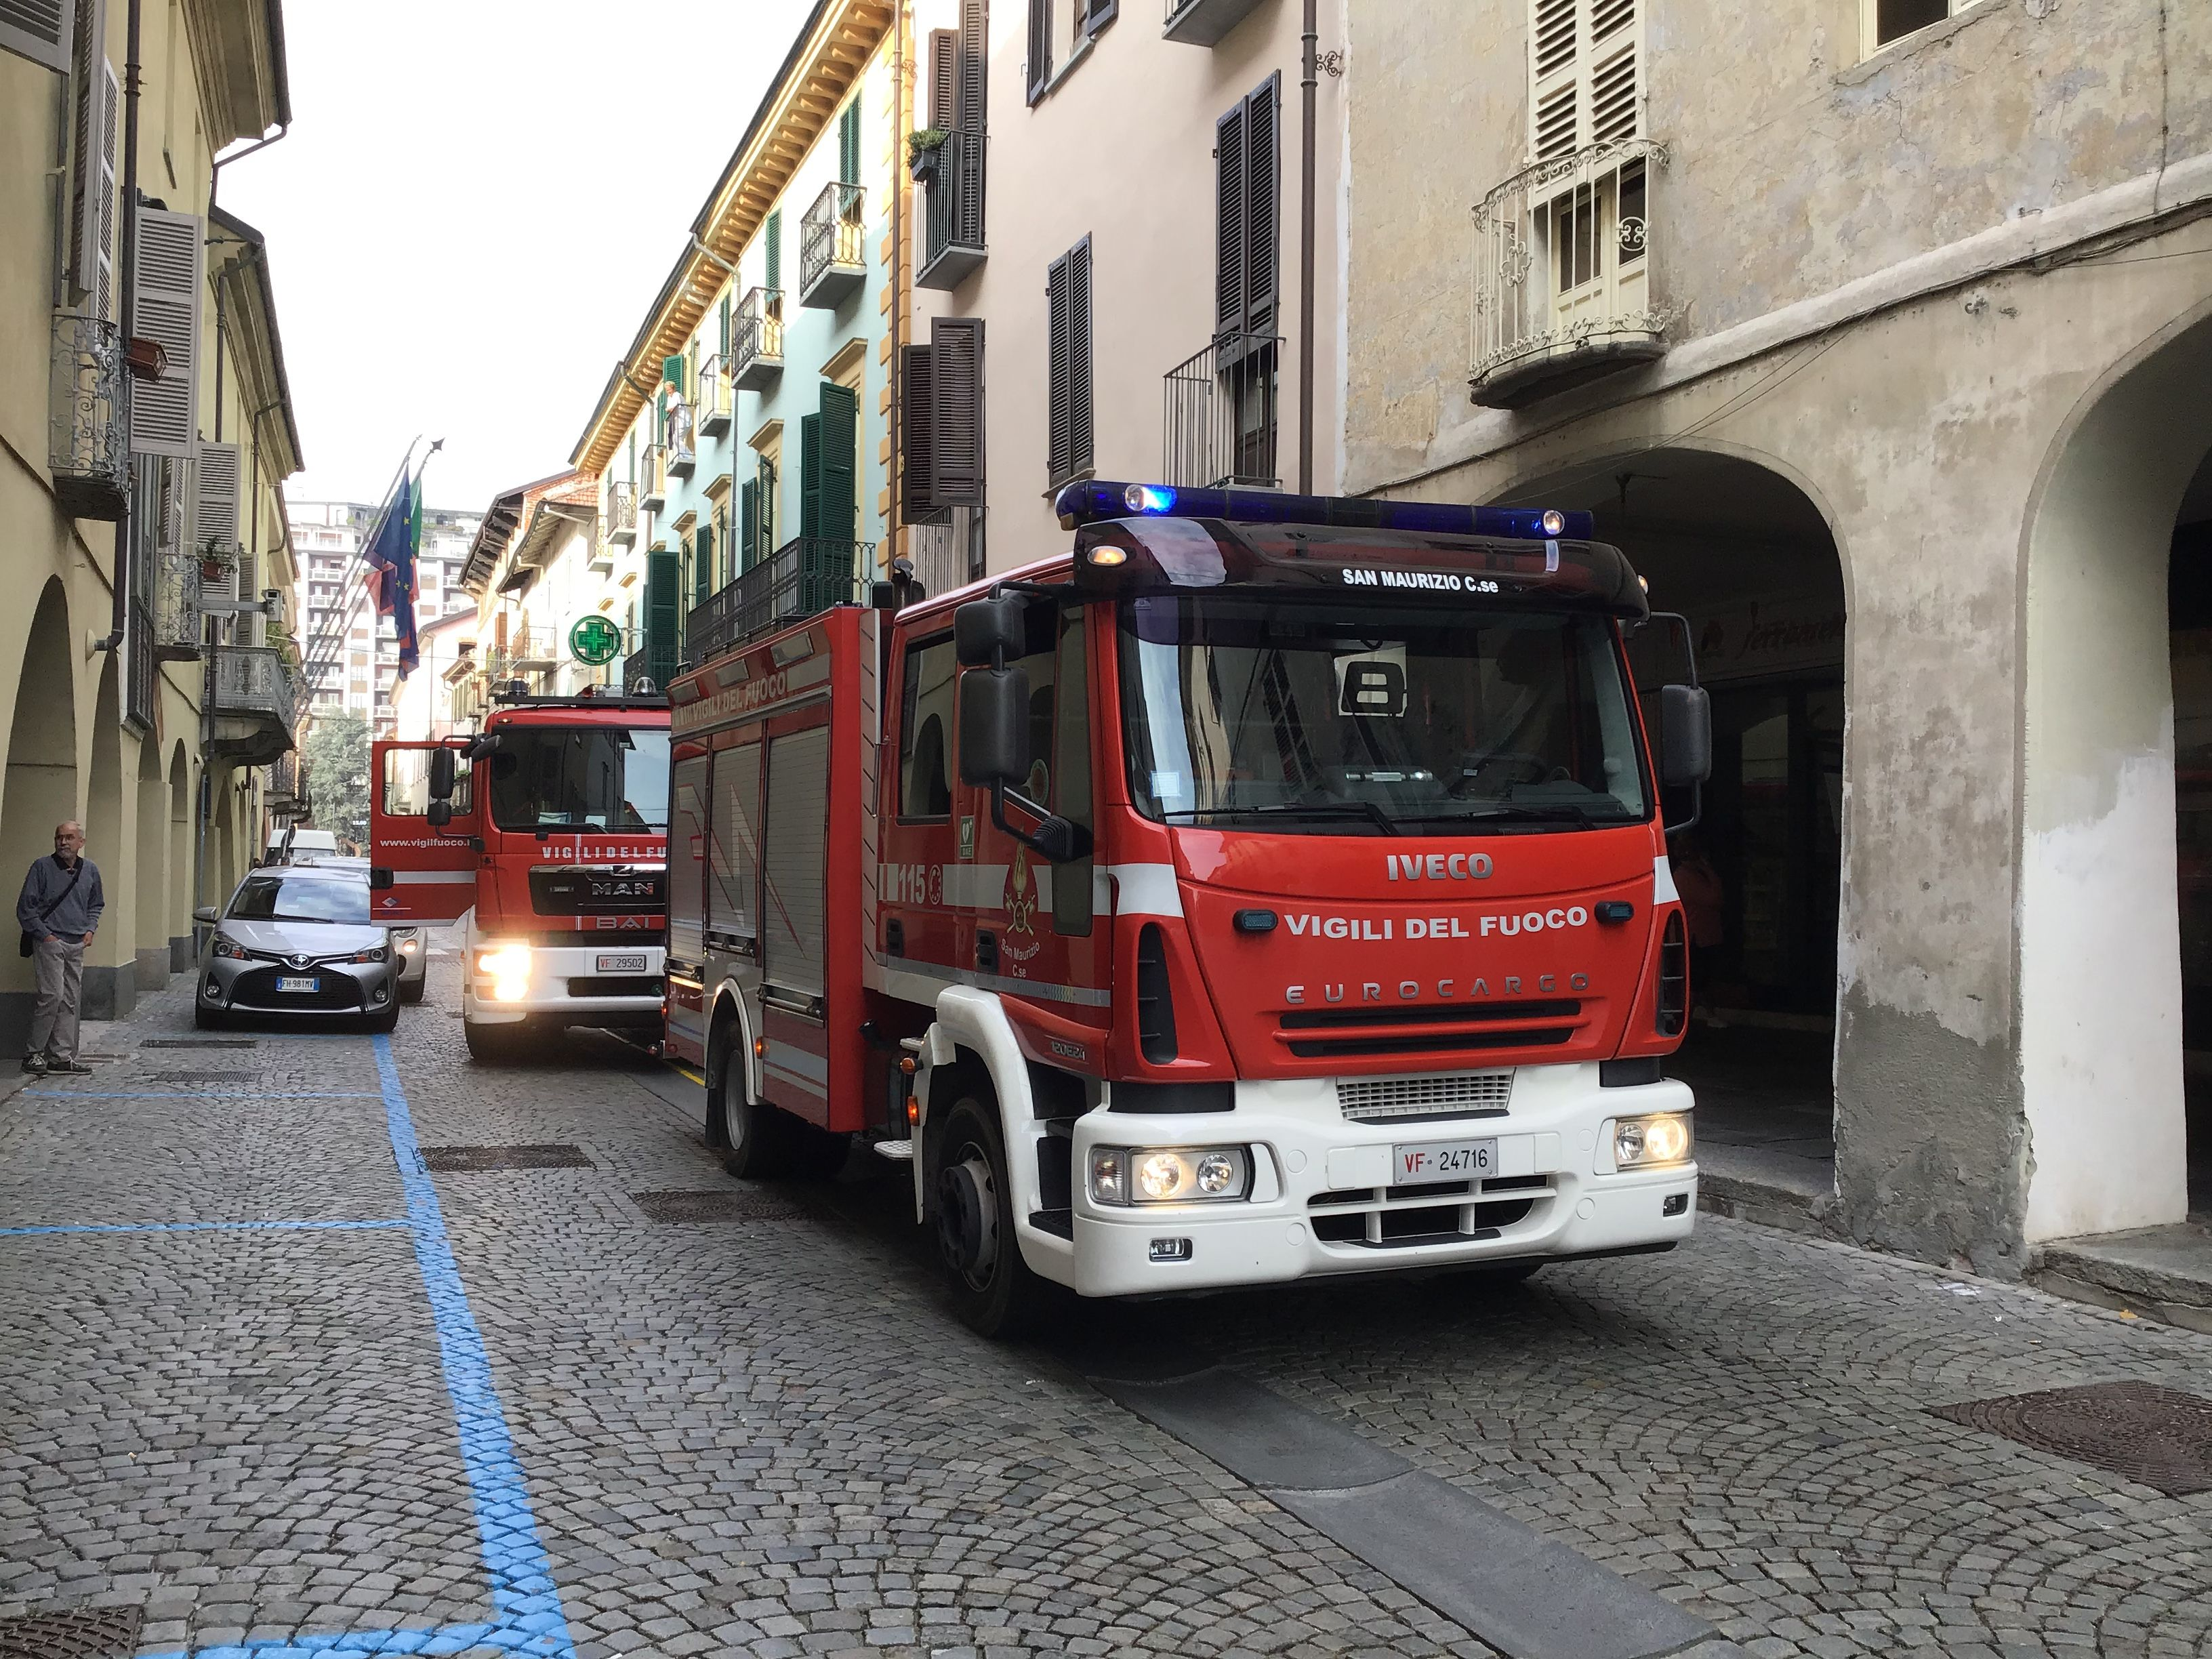 RIVAROLO - Allarme incendio in un alloggio vicino al municipio - FOTO